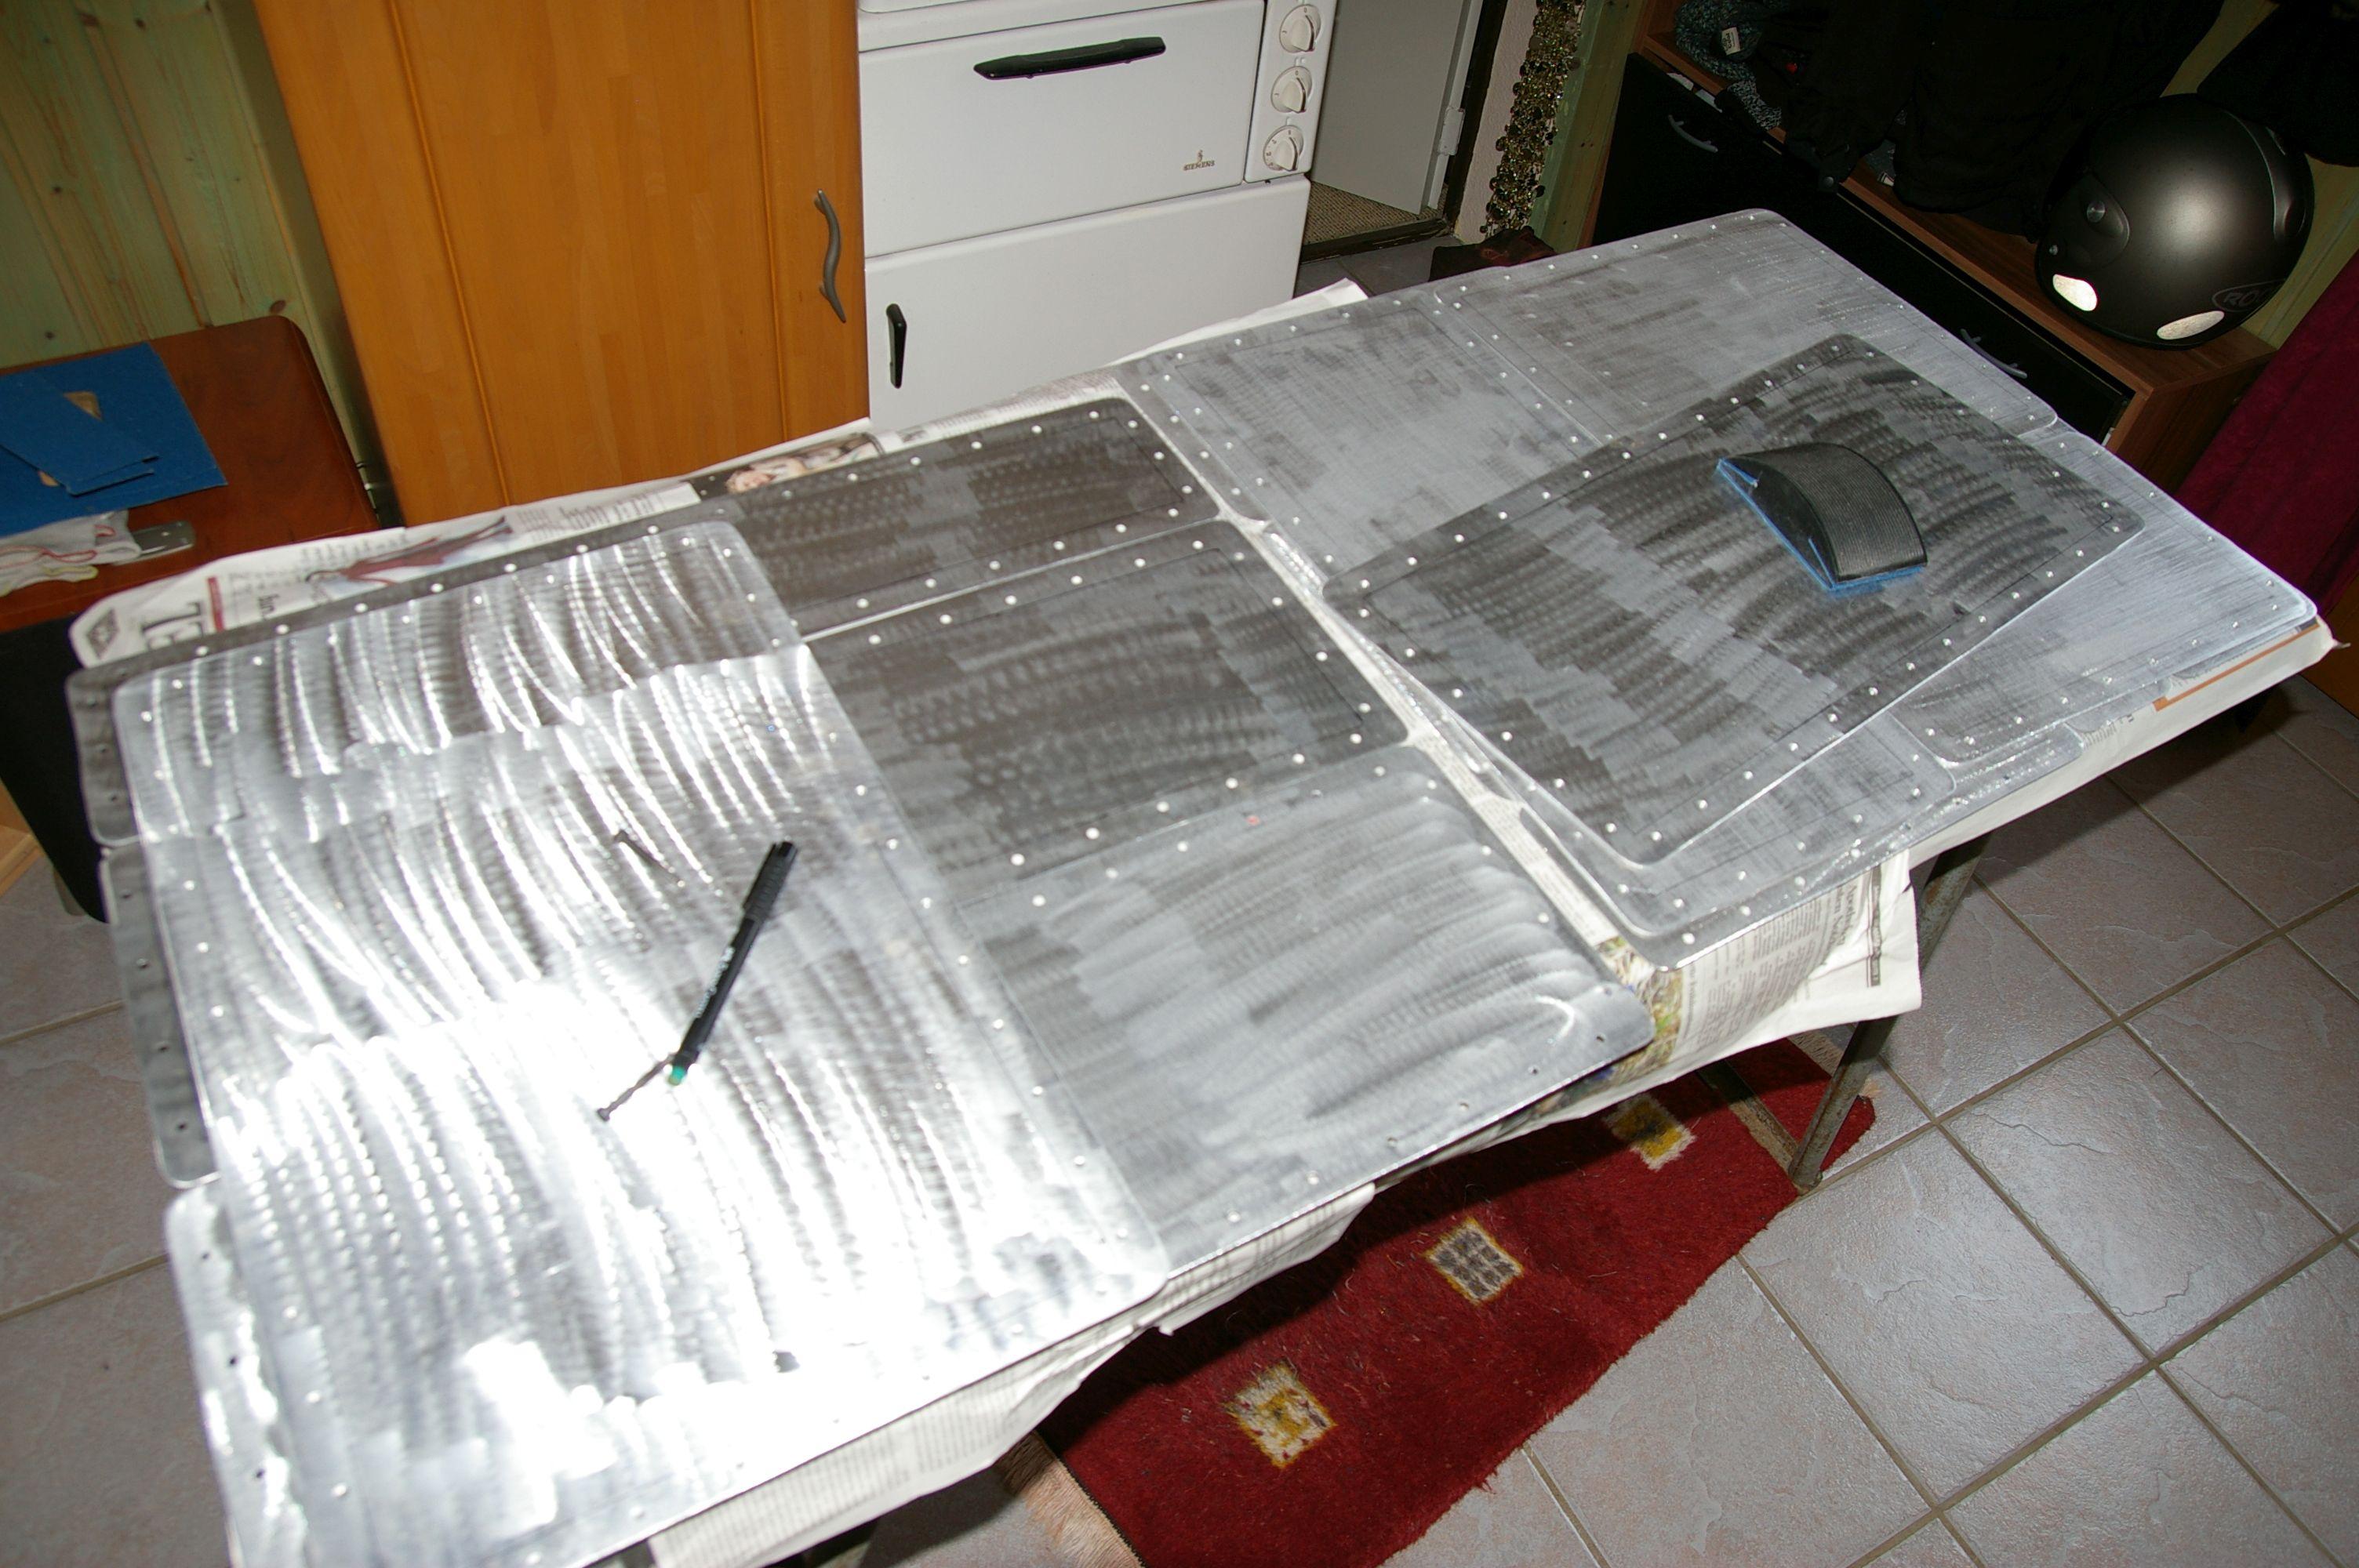 Sehr Furnier kleben schwer gemacht! | slooowriders.de CD15